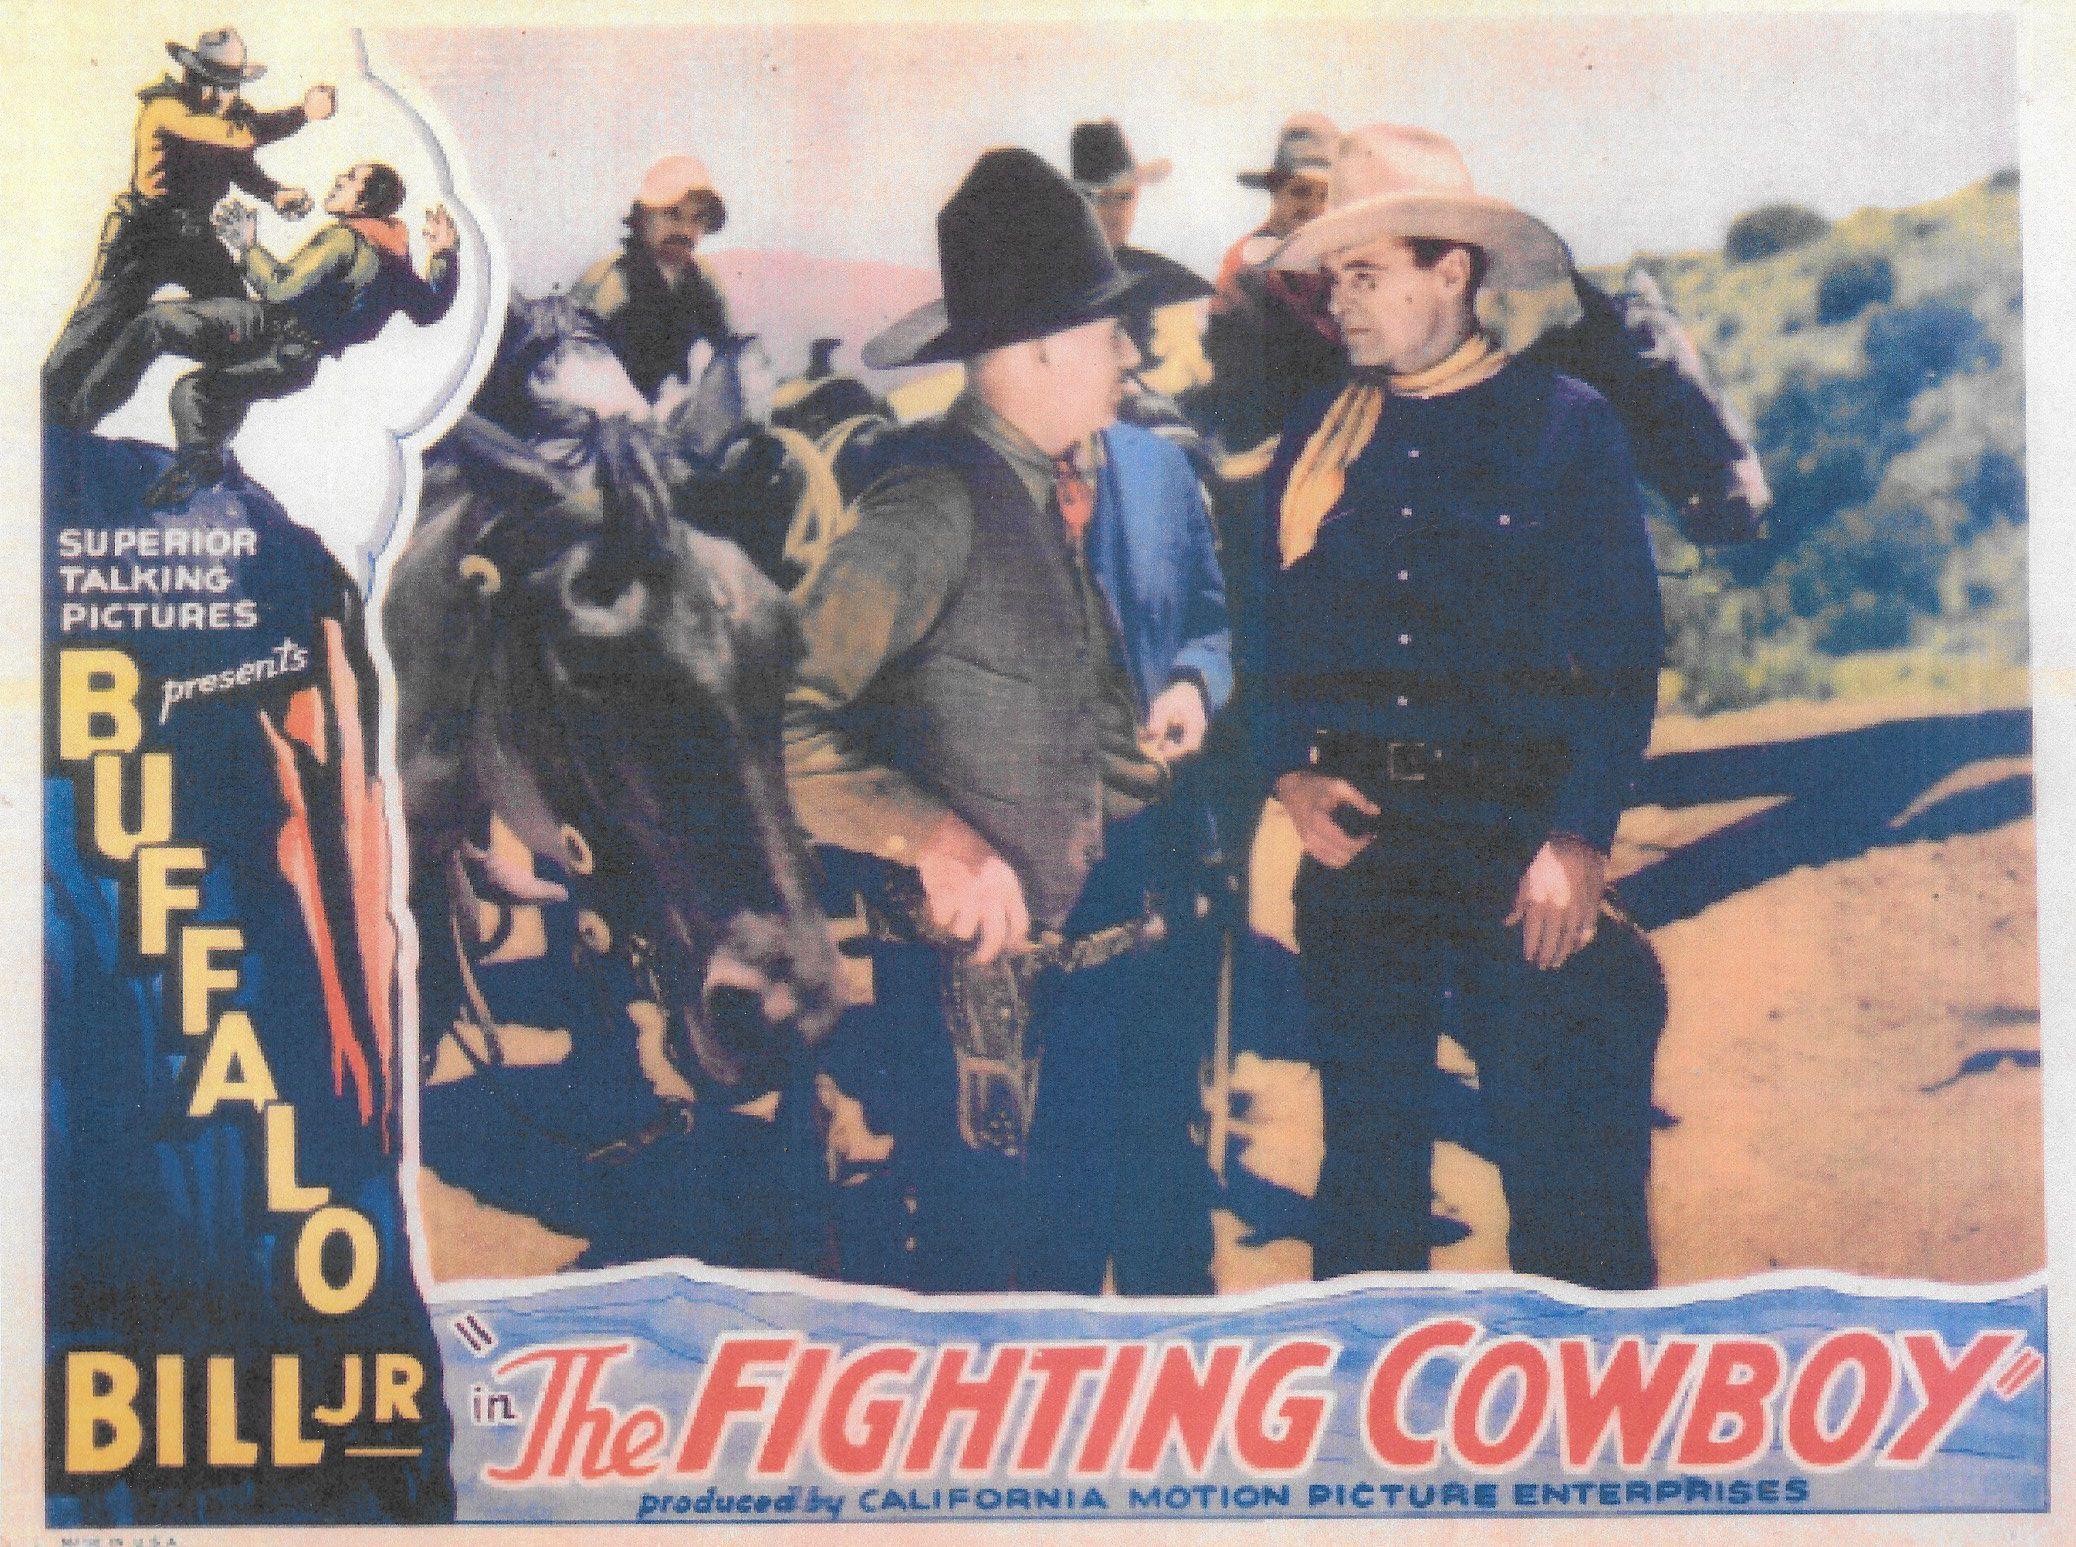 Ken Broeker and Jay Wilsey in The Fighting Cowboy (1933)